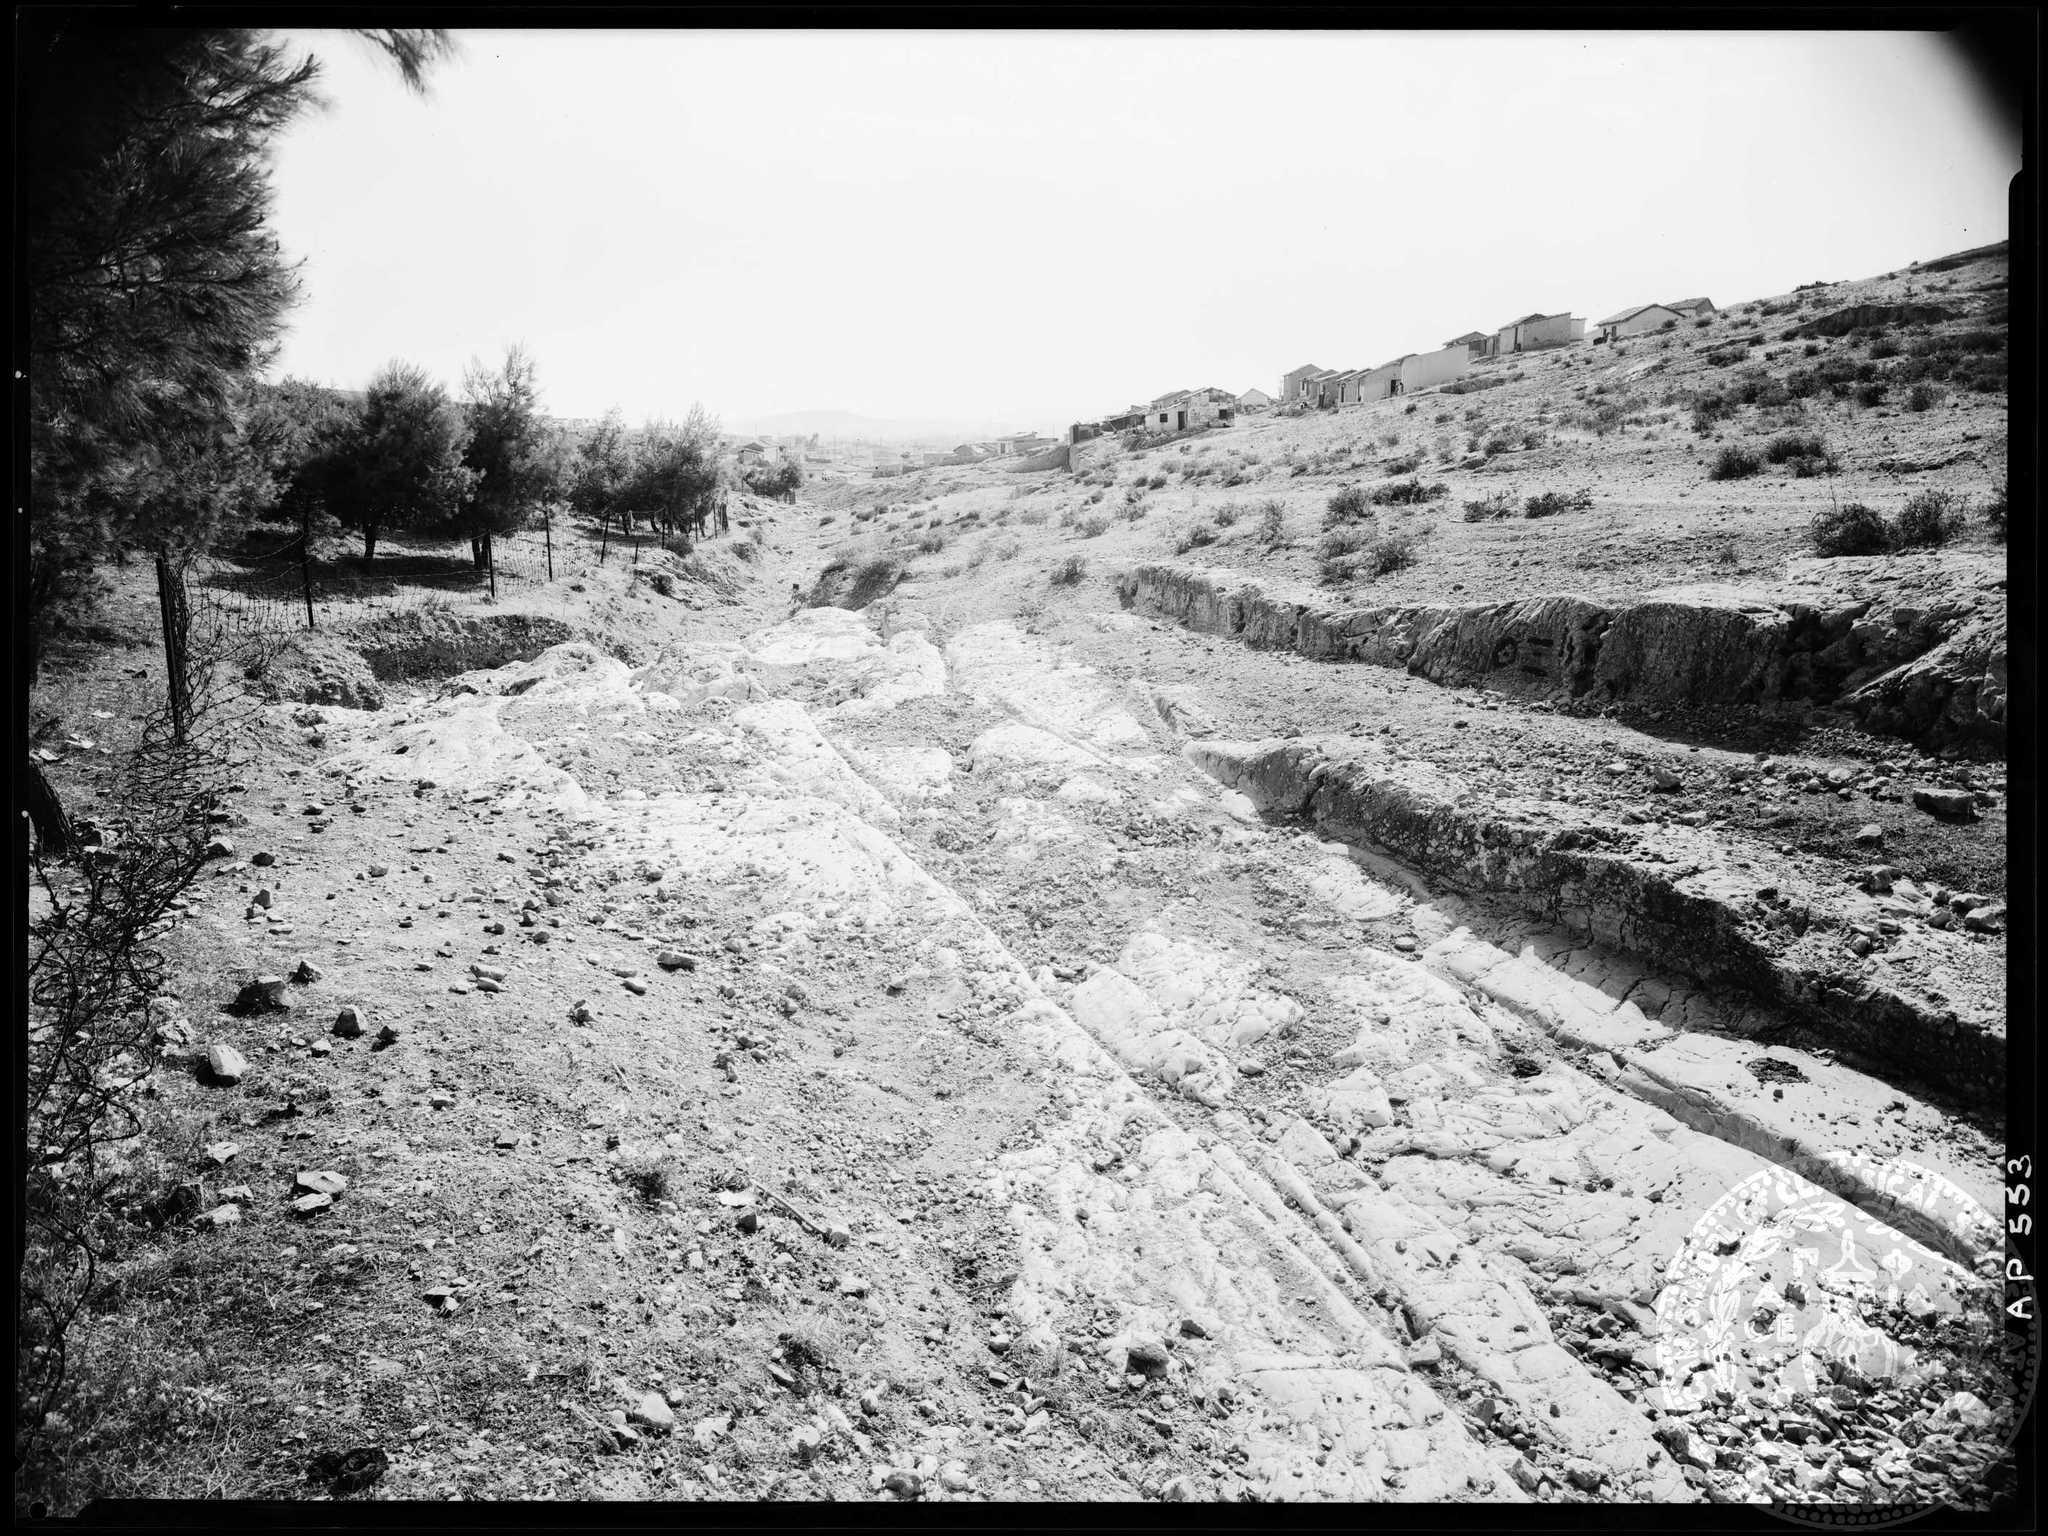 Το βλέμμα ανηφορίζει στα σπιτάκια του Ασυρμάτου, πέρα από τον δρόμο με τις αρχαίες αρματροχιές (Αμερικανική Σχολή Κλασικών Σπουδών στην Αθήνα, Αρχαιολογικό Φωτογραφικό Αρχείο, AP 0553).